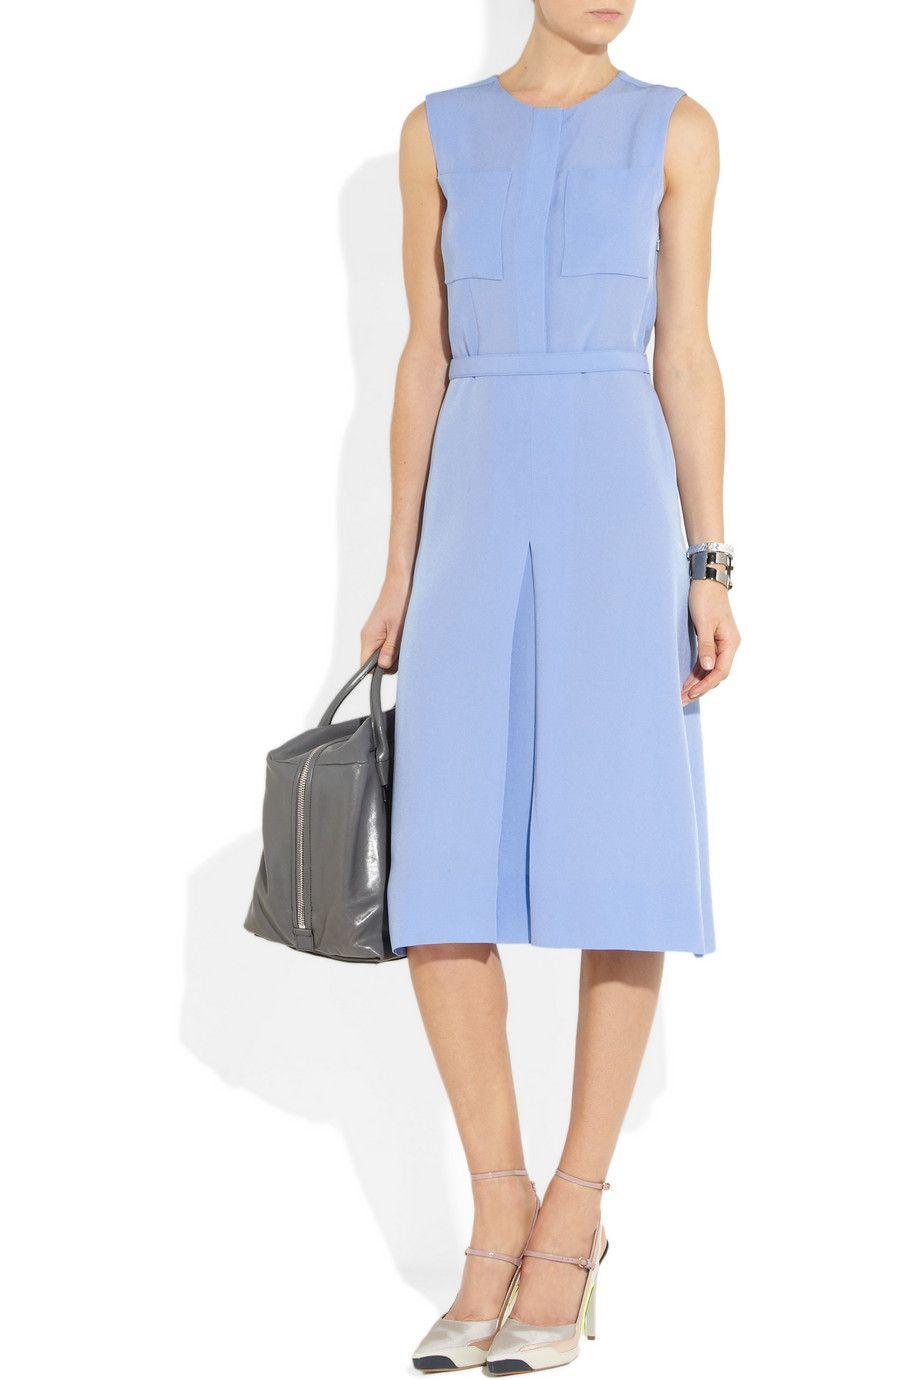 Victoria Victoria Beckham Crepe Midi Dress Net A Porter Com Dresses Successful Clothes Victoria Dress [ 1380 x 920 Pixel ]